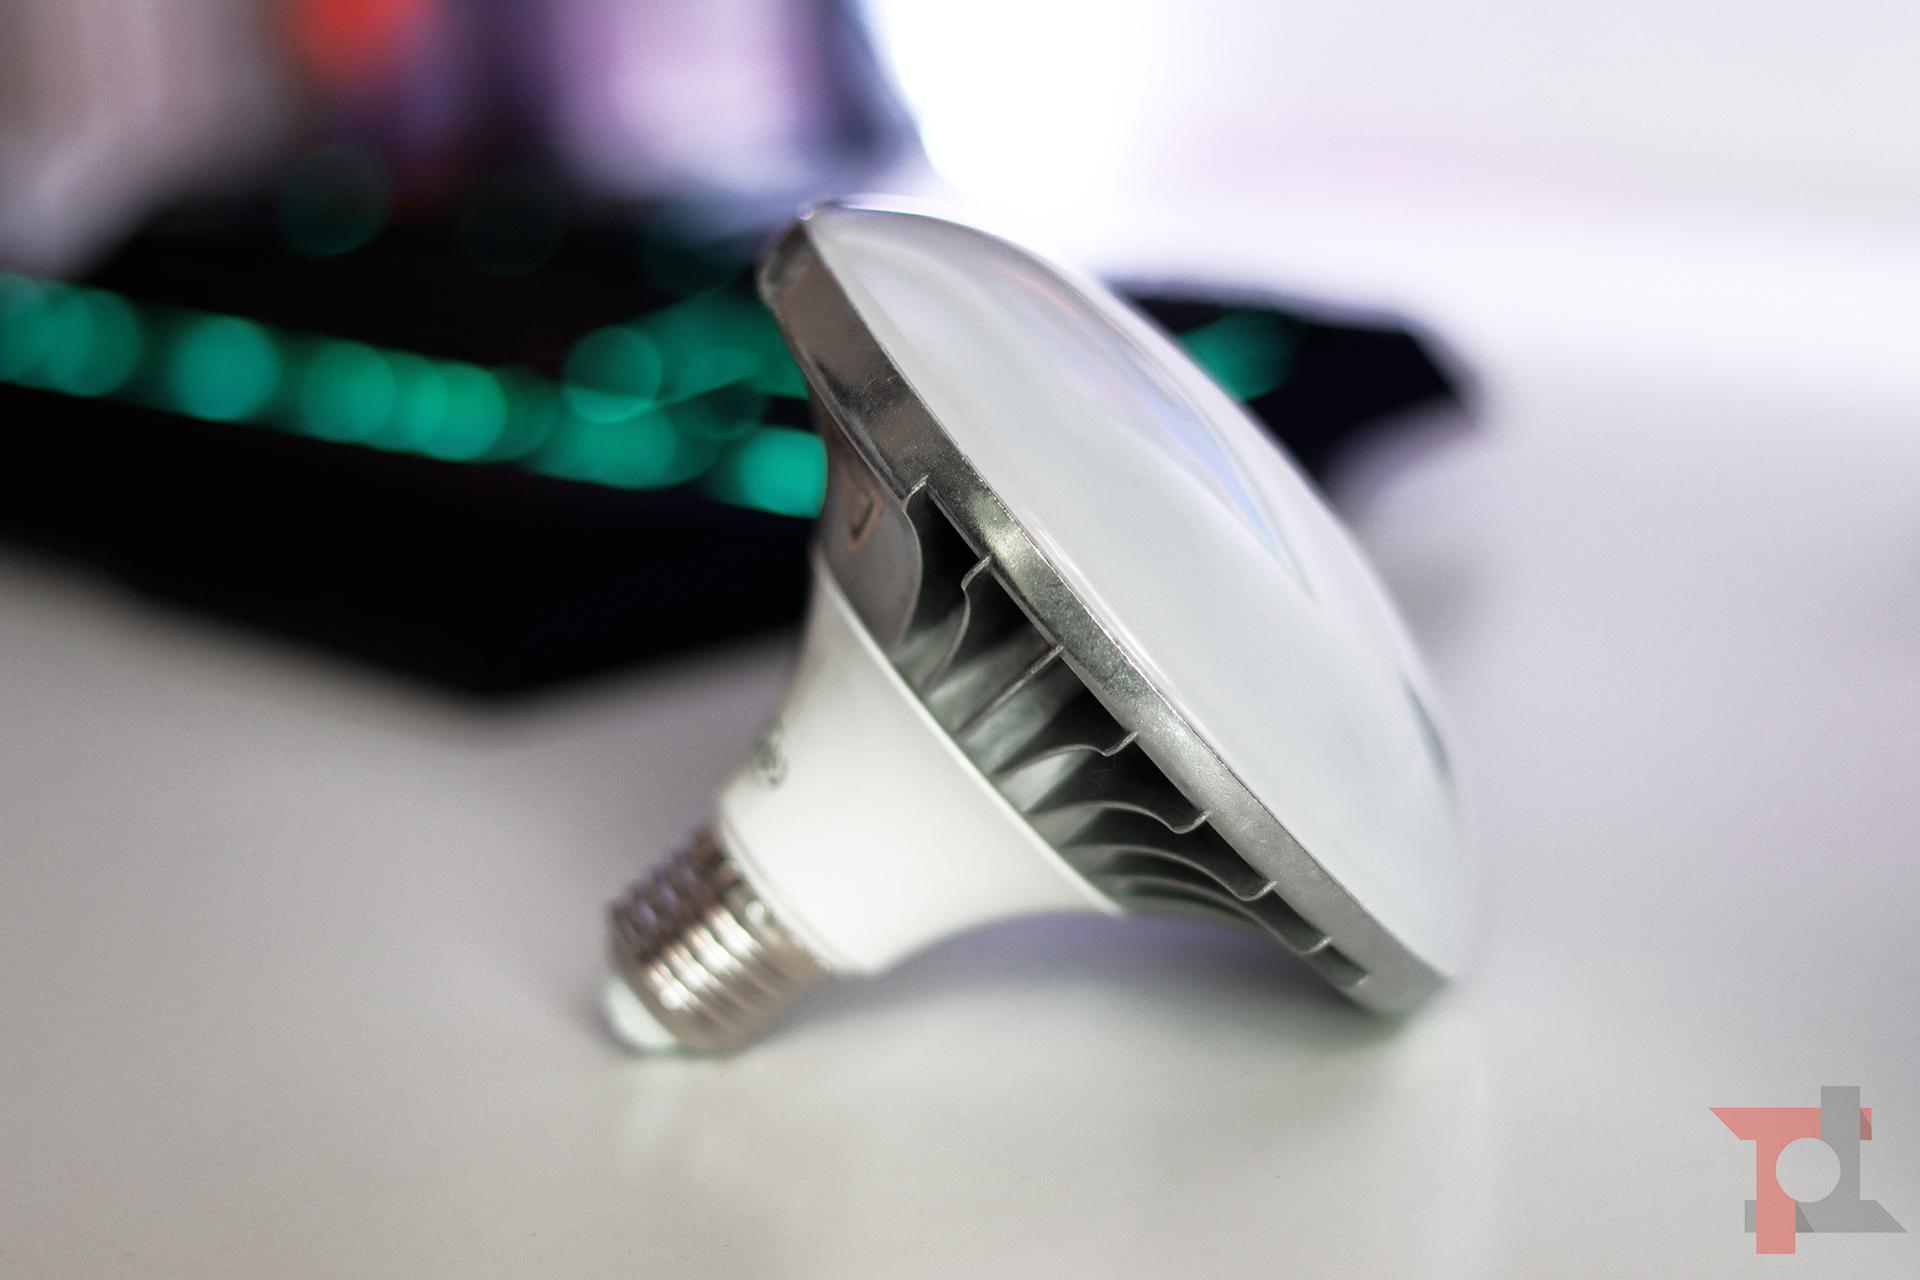 Softbox life of photo LED